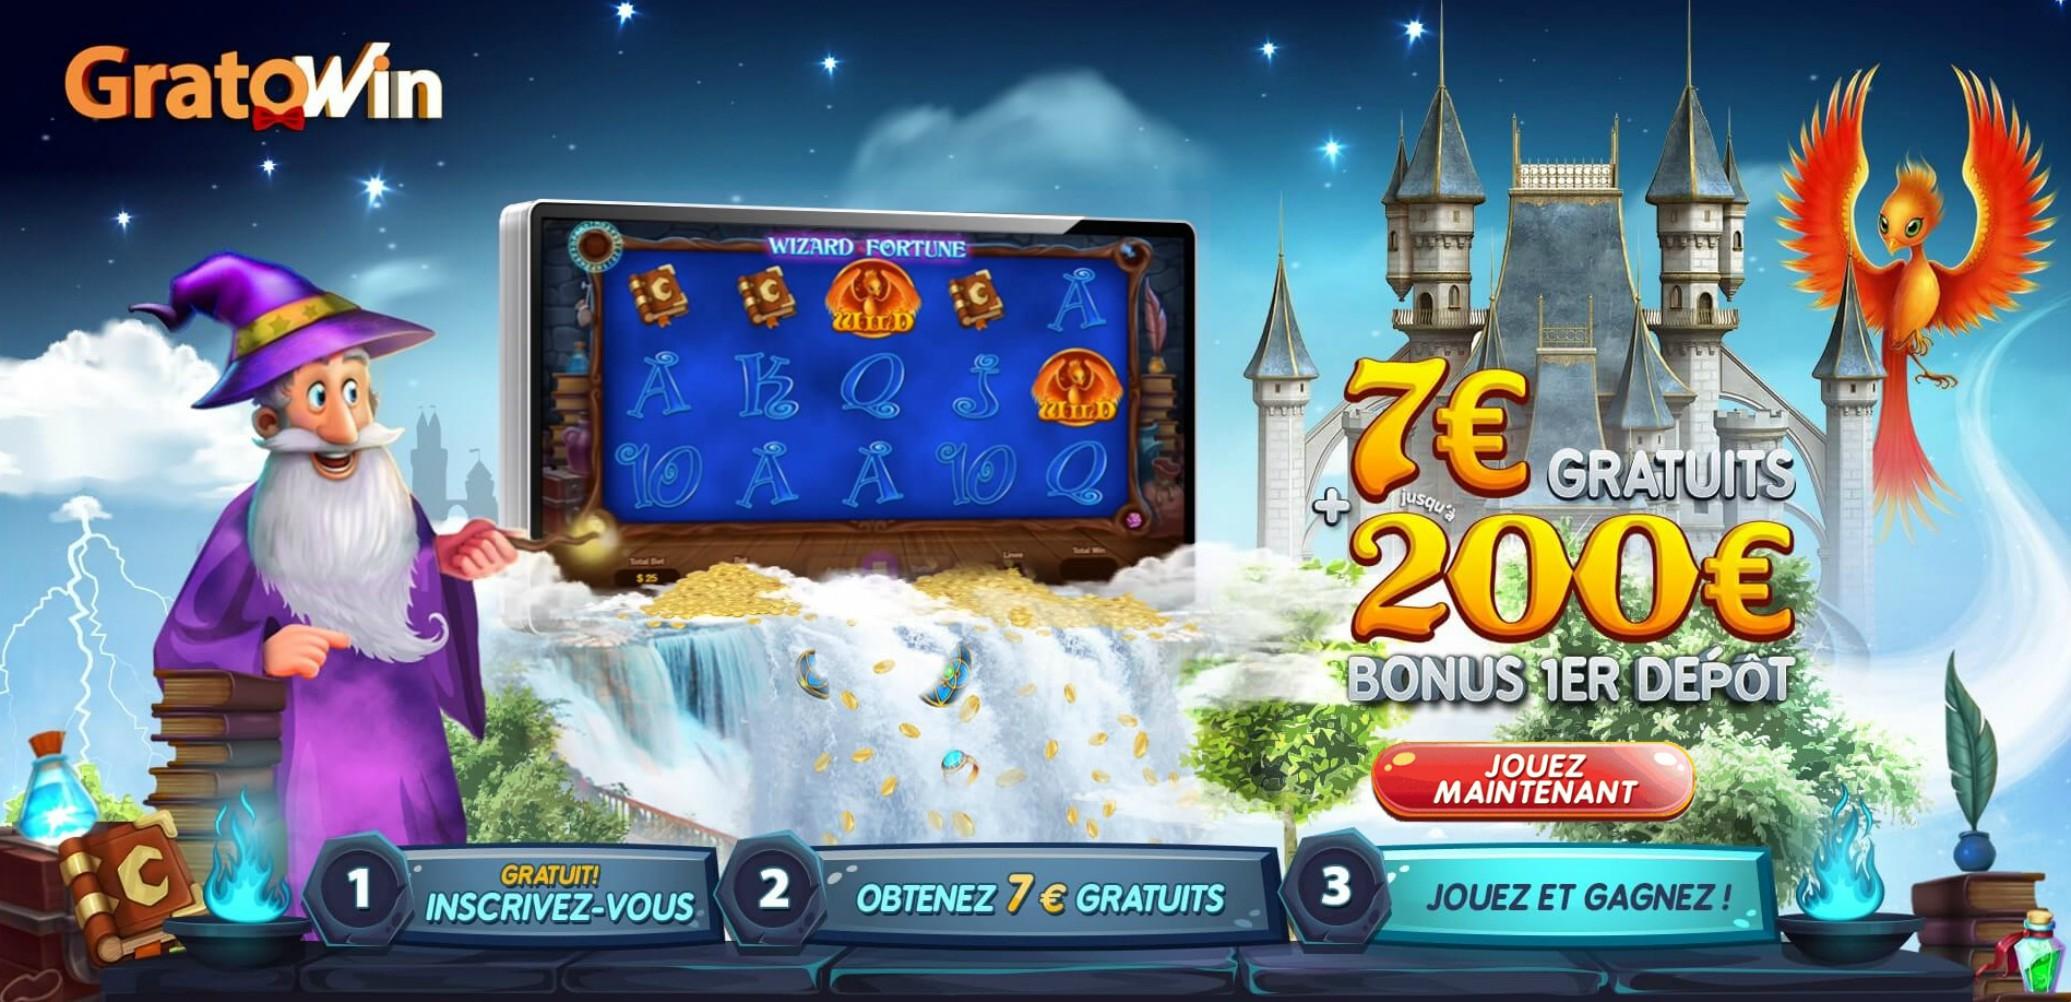 Référence d'avis sur casino gratowin